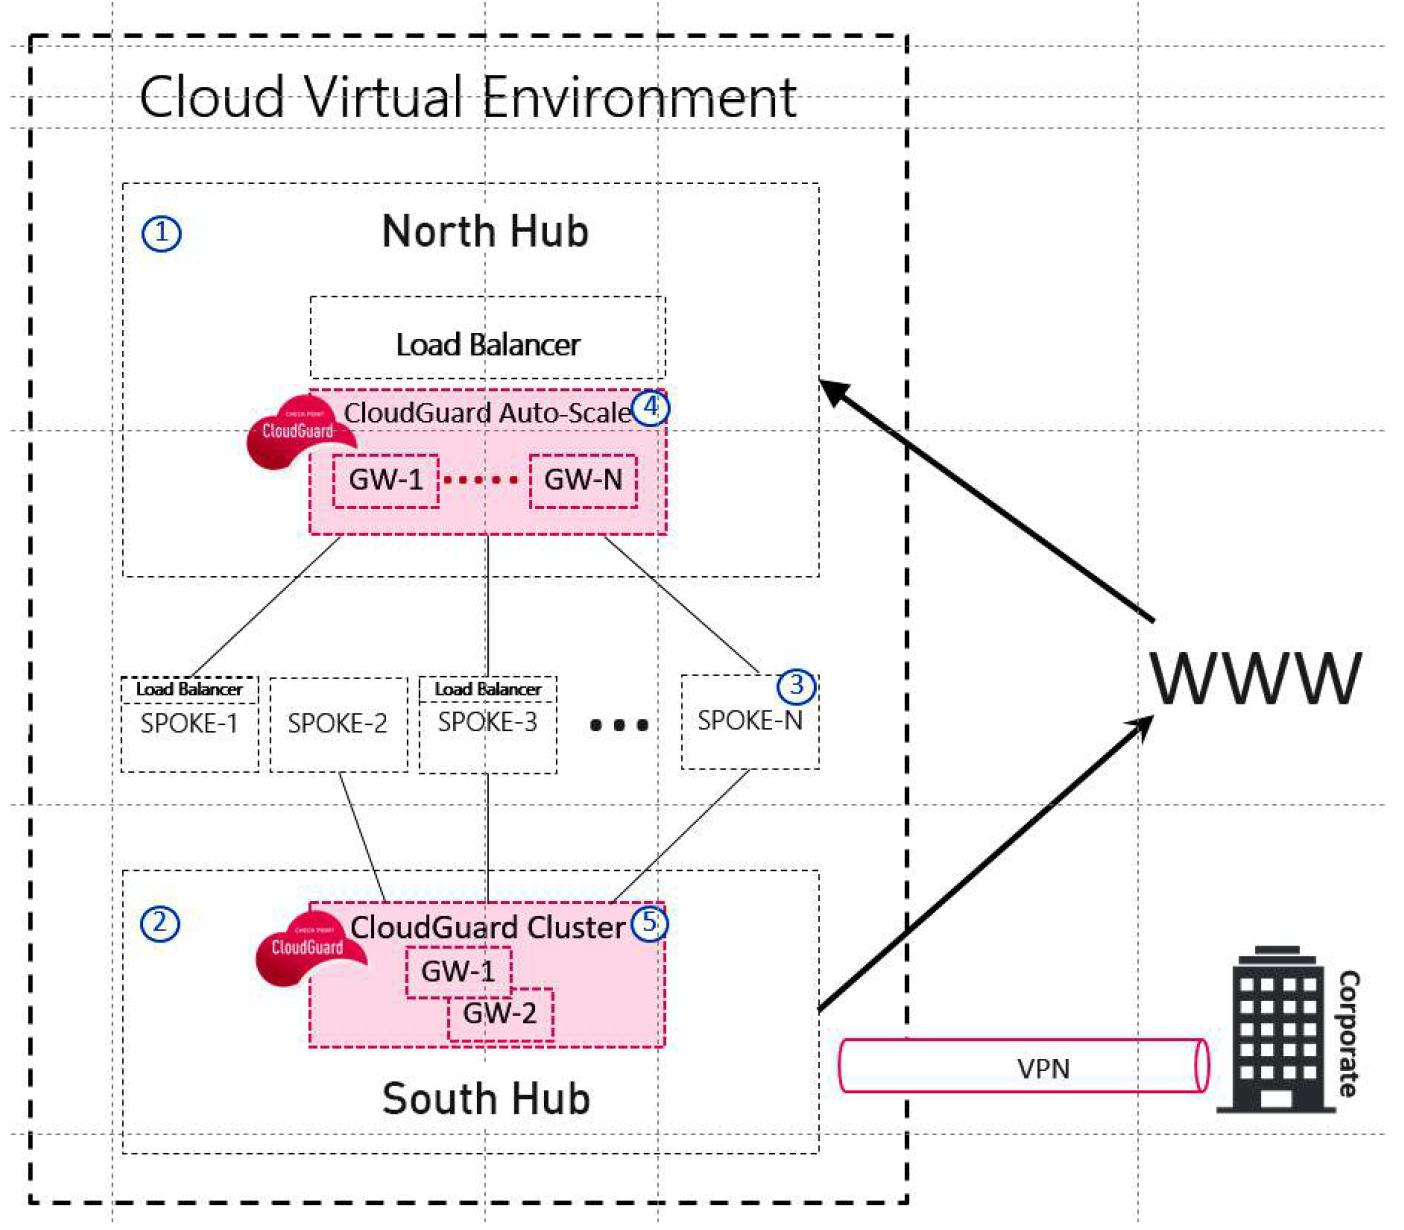 Figure 5: CloudGuard IaaS Hub and Spoke Model